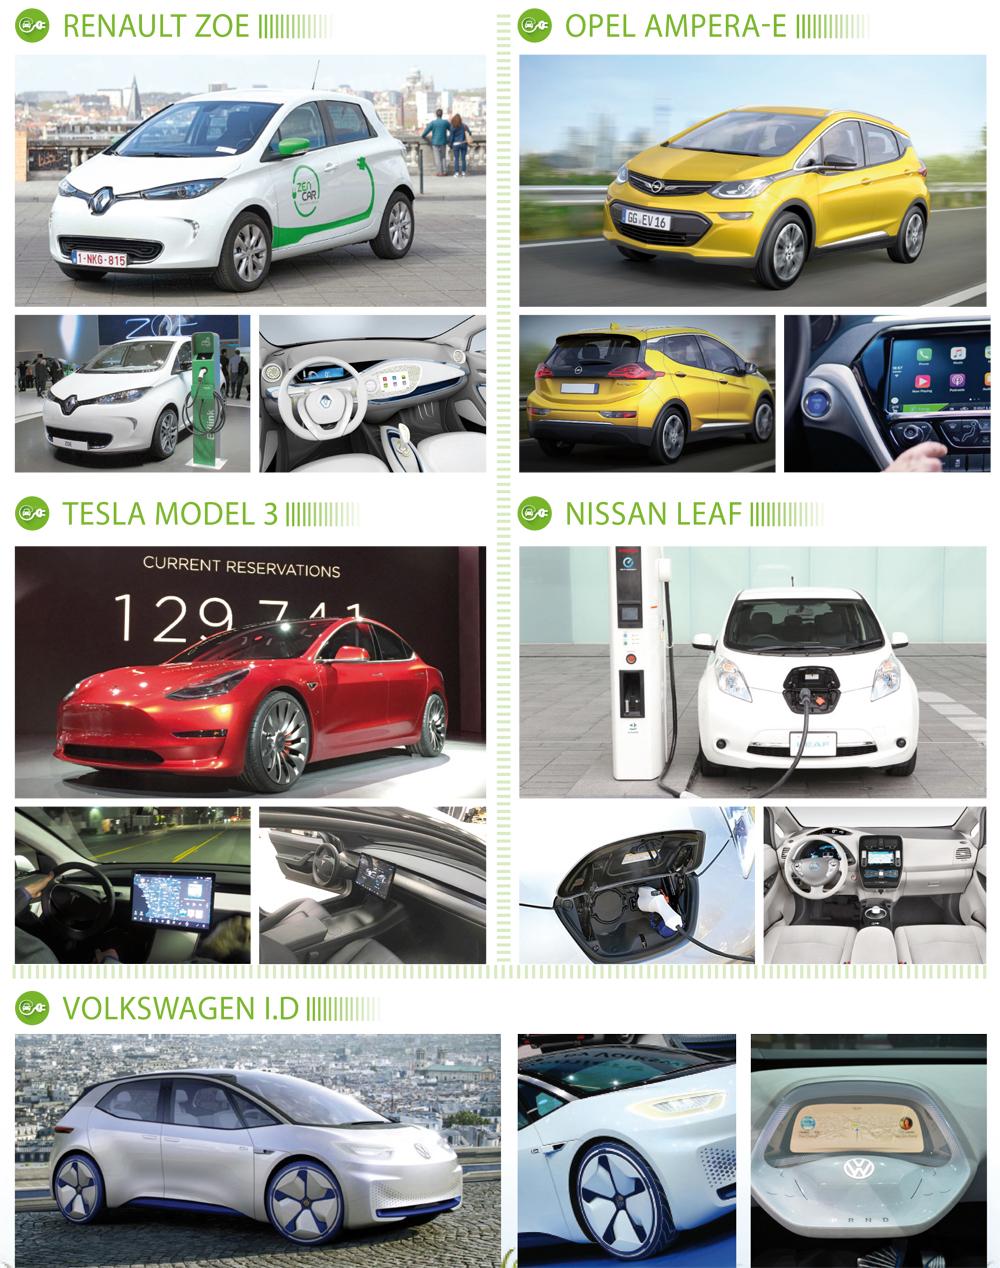 voitures-electriques-renault-zoe-opel-ampera-e-tesla-model-3-nissan-leaf-volkswagen-i-d